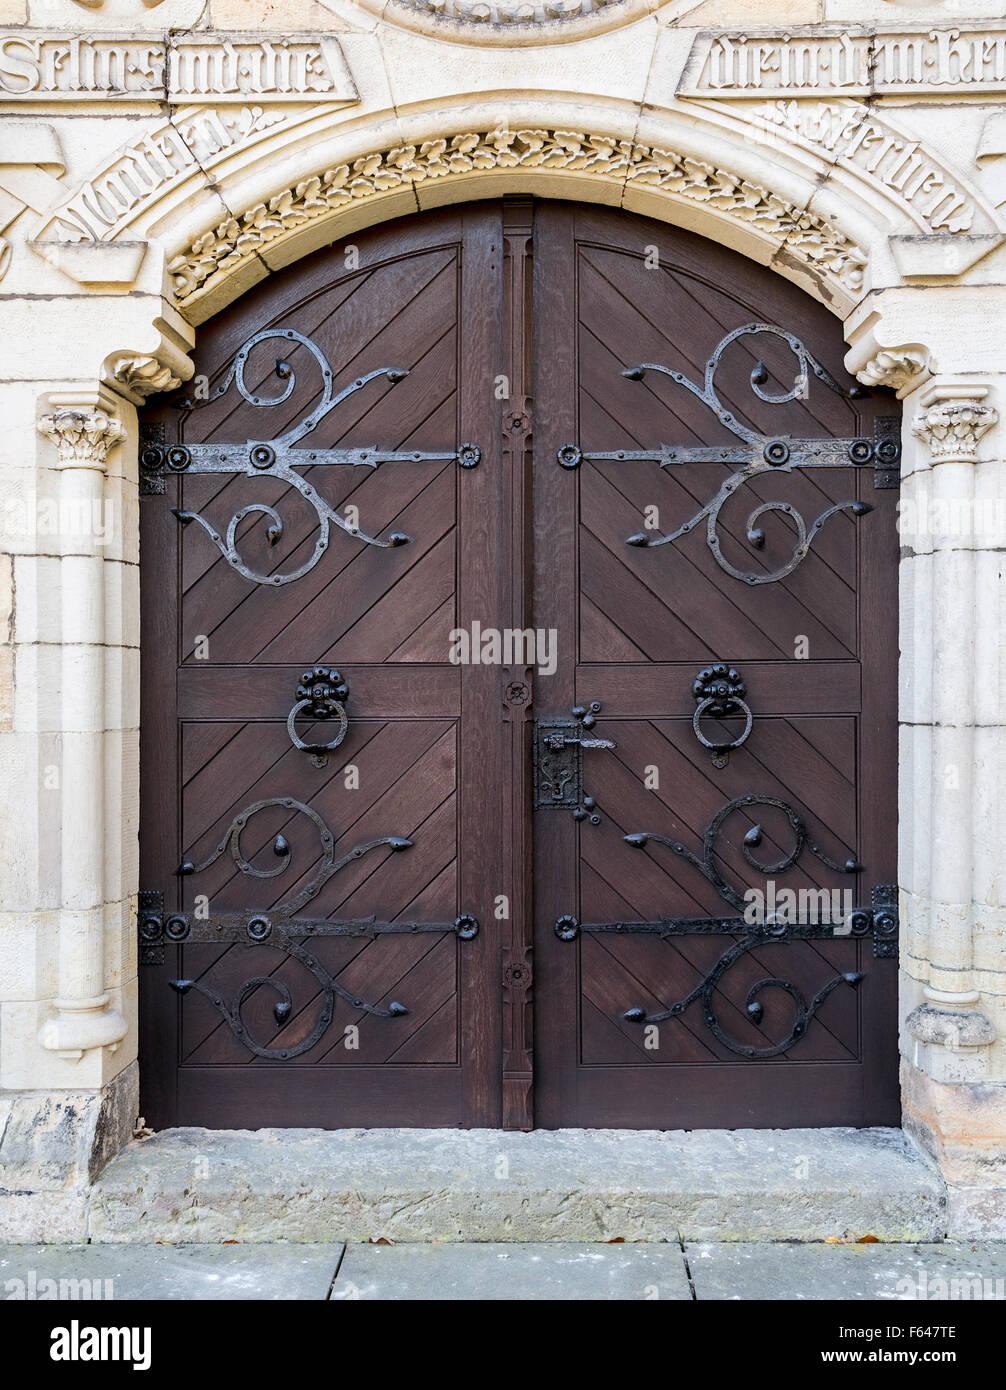 Grande porte en bois avec une poign e poign e en fer forg la porte de la chapelle dans le for Poignee de porte forge